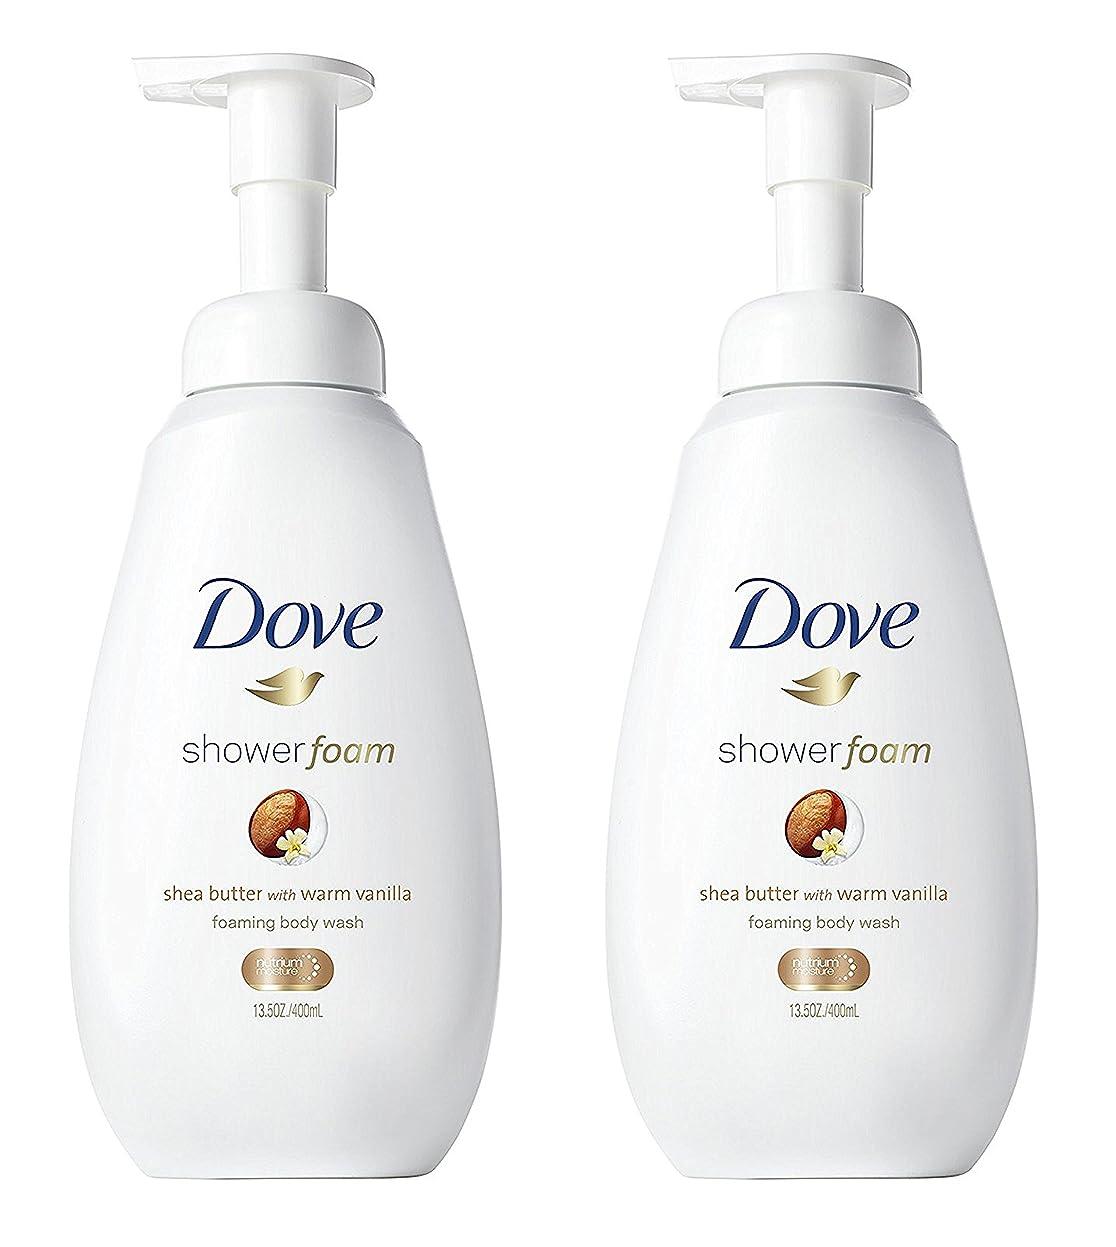 トーナメント取り組む情報Dove シャワー泡 - ウォームバニラシアバター - - ボディウォッシュを発泡ネット重量。ボトルあたり13.5液量オンス(400ml)を - 2本のボトルのパック